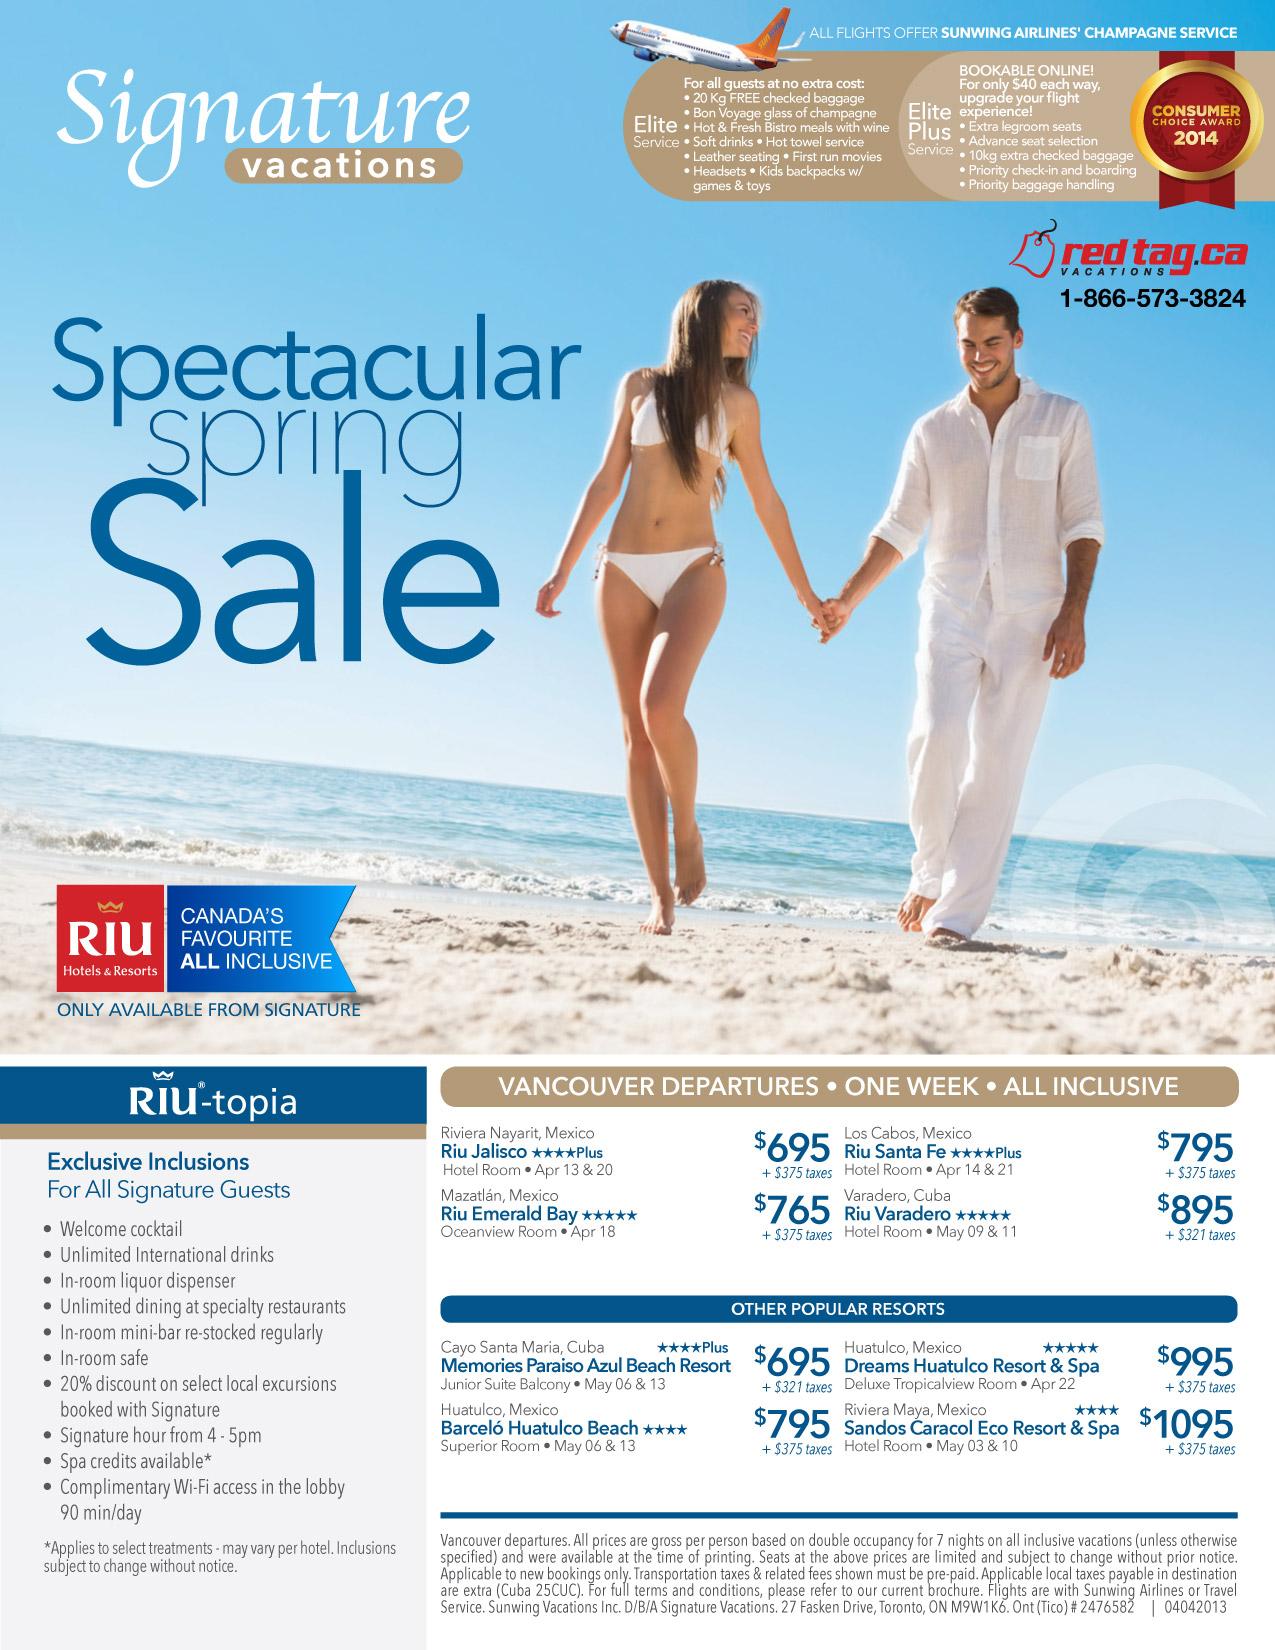 Signature Vacations Signature Last Minute Deals All Inclusive Travel Deals Redtag Ca